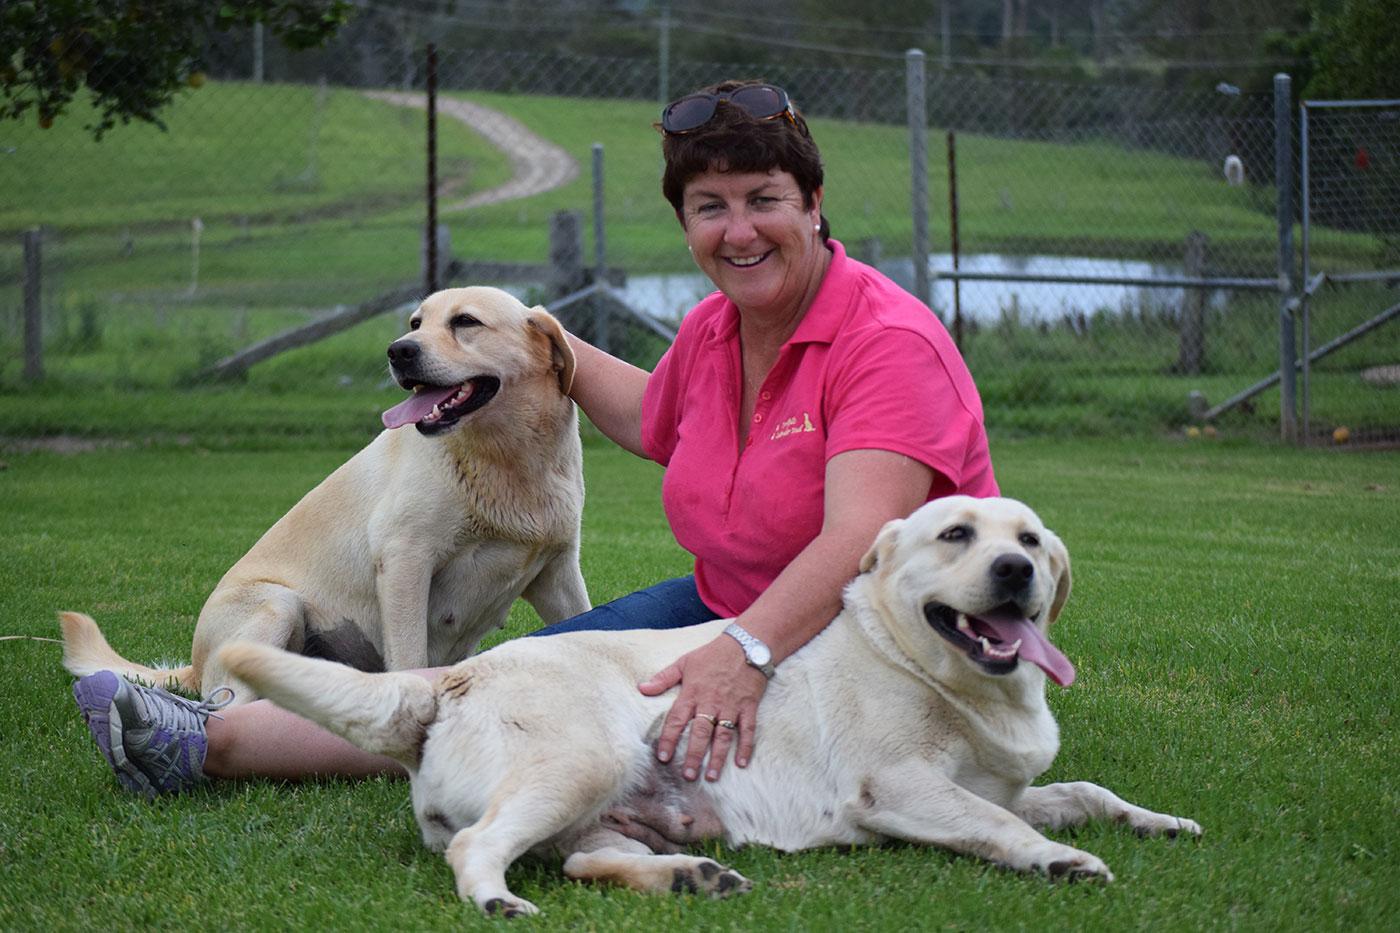 About Dowlfalls Labrador Retrievers – Dowlfalls Labrador